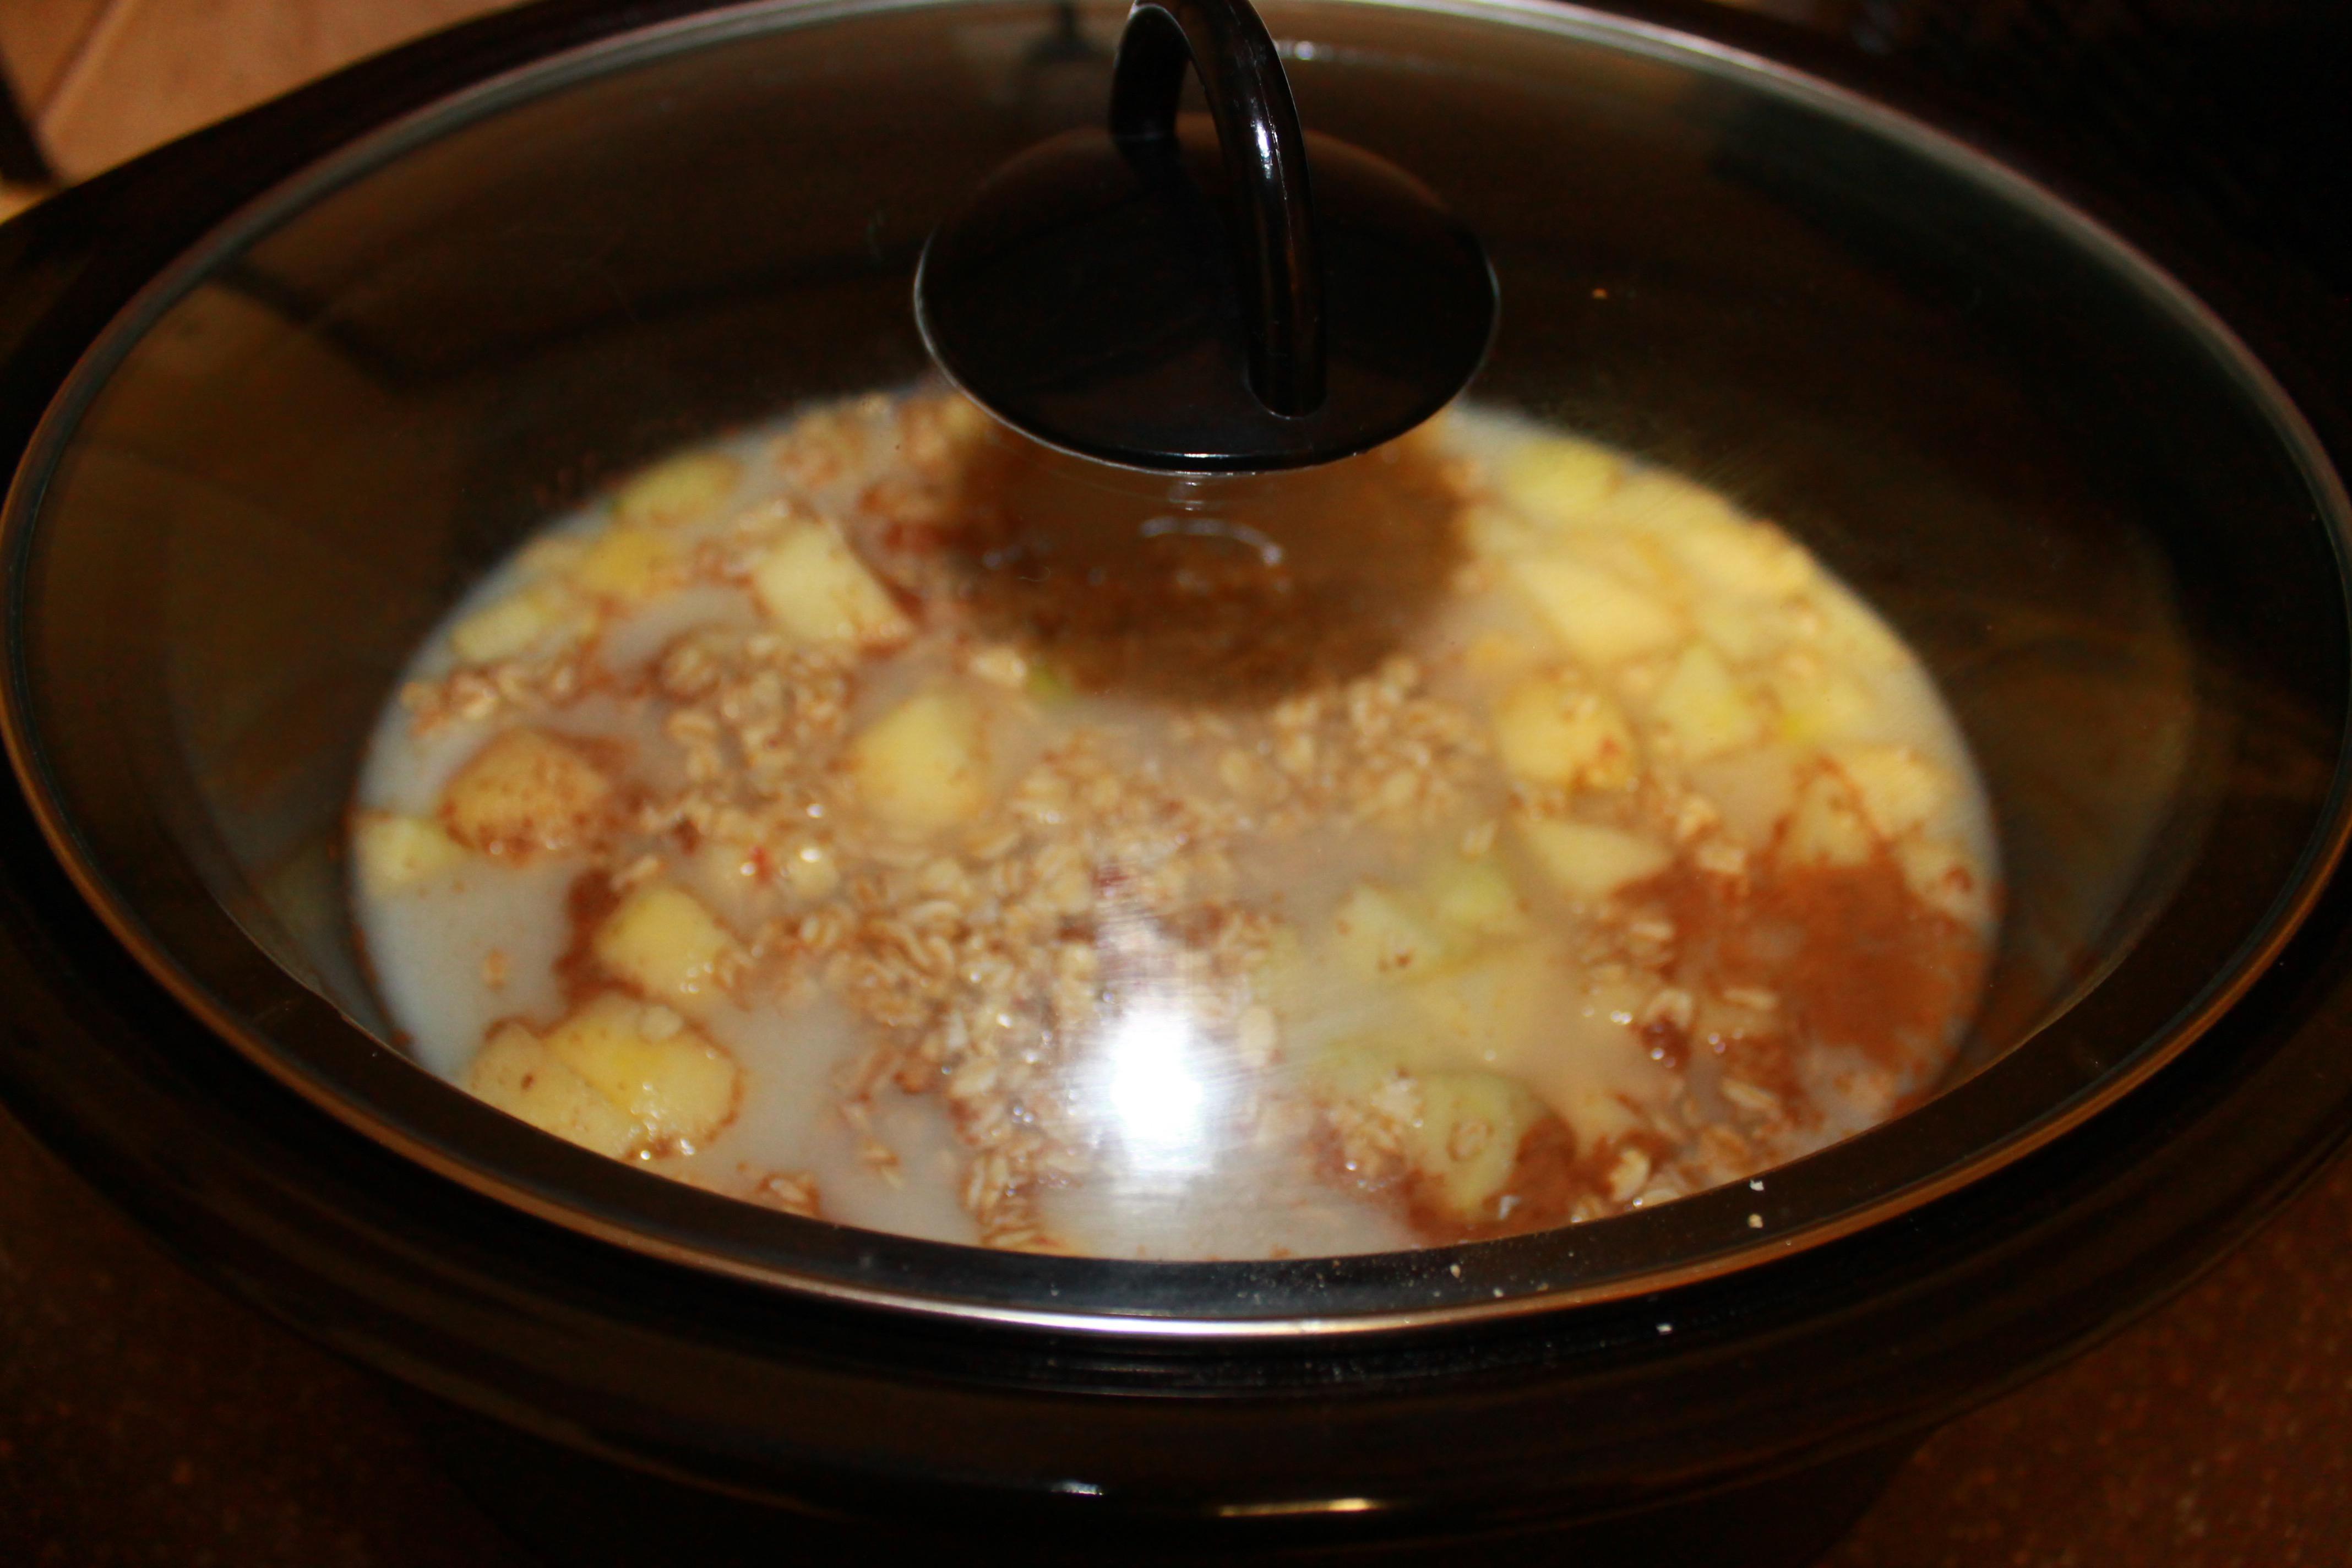 Overnight Apple, Cinnamon and Brown Sugar Oatmeal | MommaAlwaysKnows